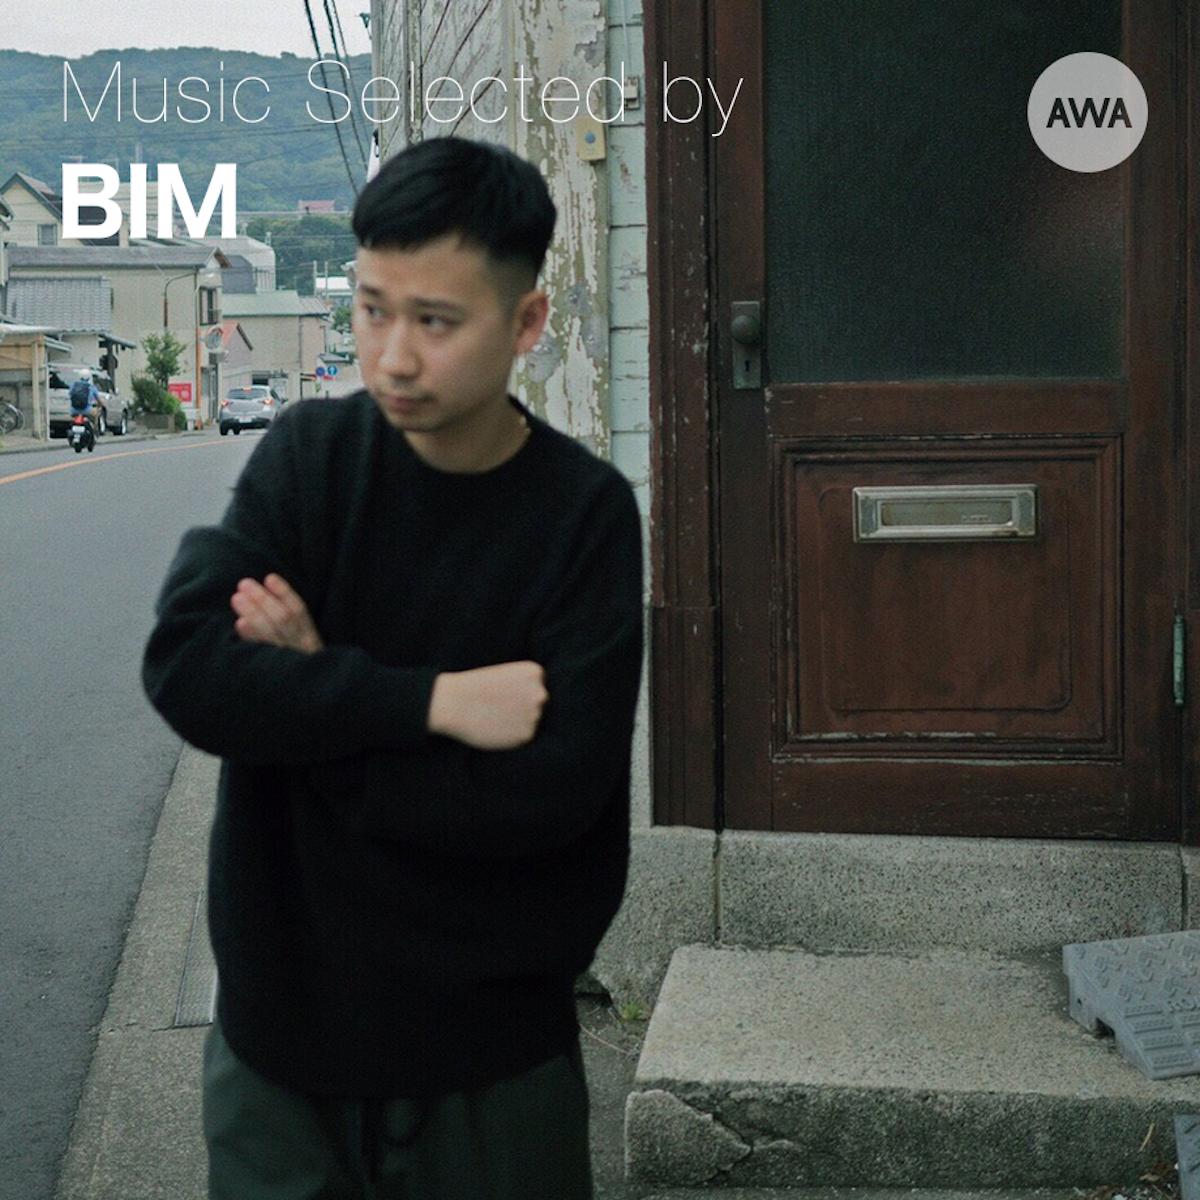 BIMがAWA公式アカウントにて「朝、視界がボヤけてるところから一日の始まりにかけて聴きたい」プレイリストを公開! music180306-bim